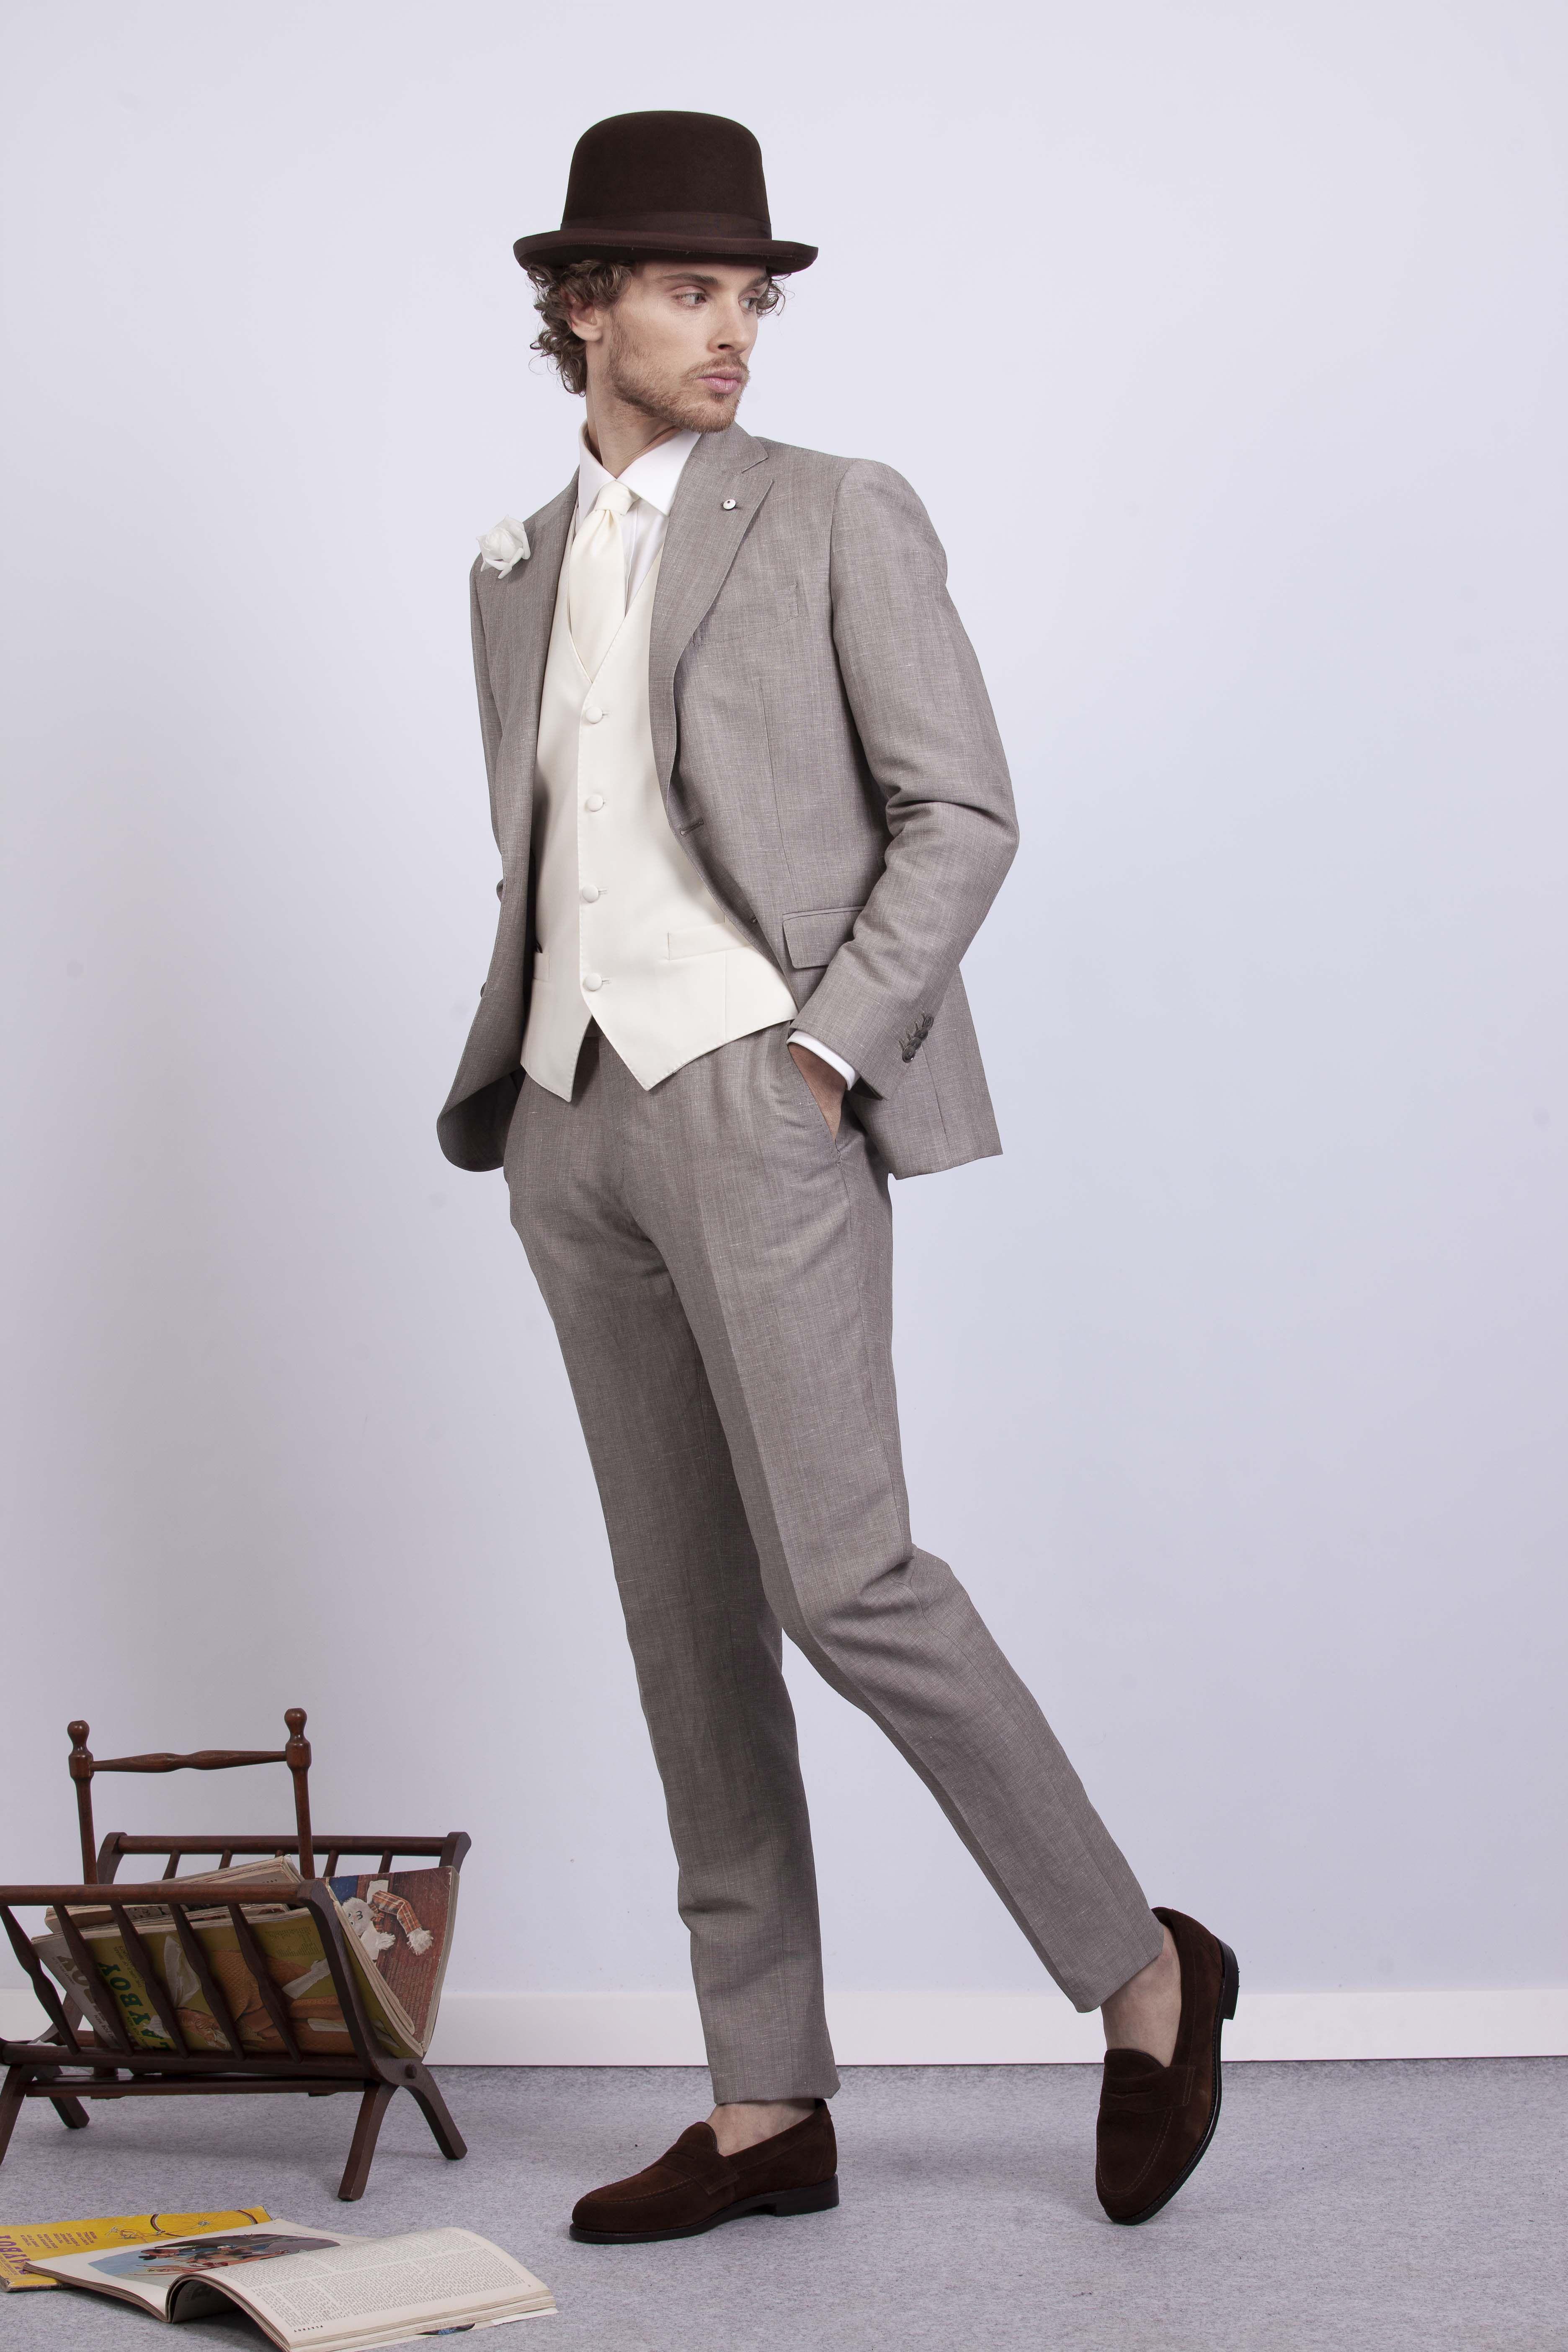 Vestito sposo Country Abiti uomo, Abiti, Stile uomo